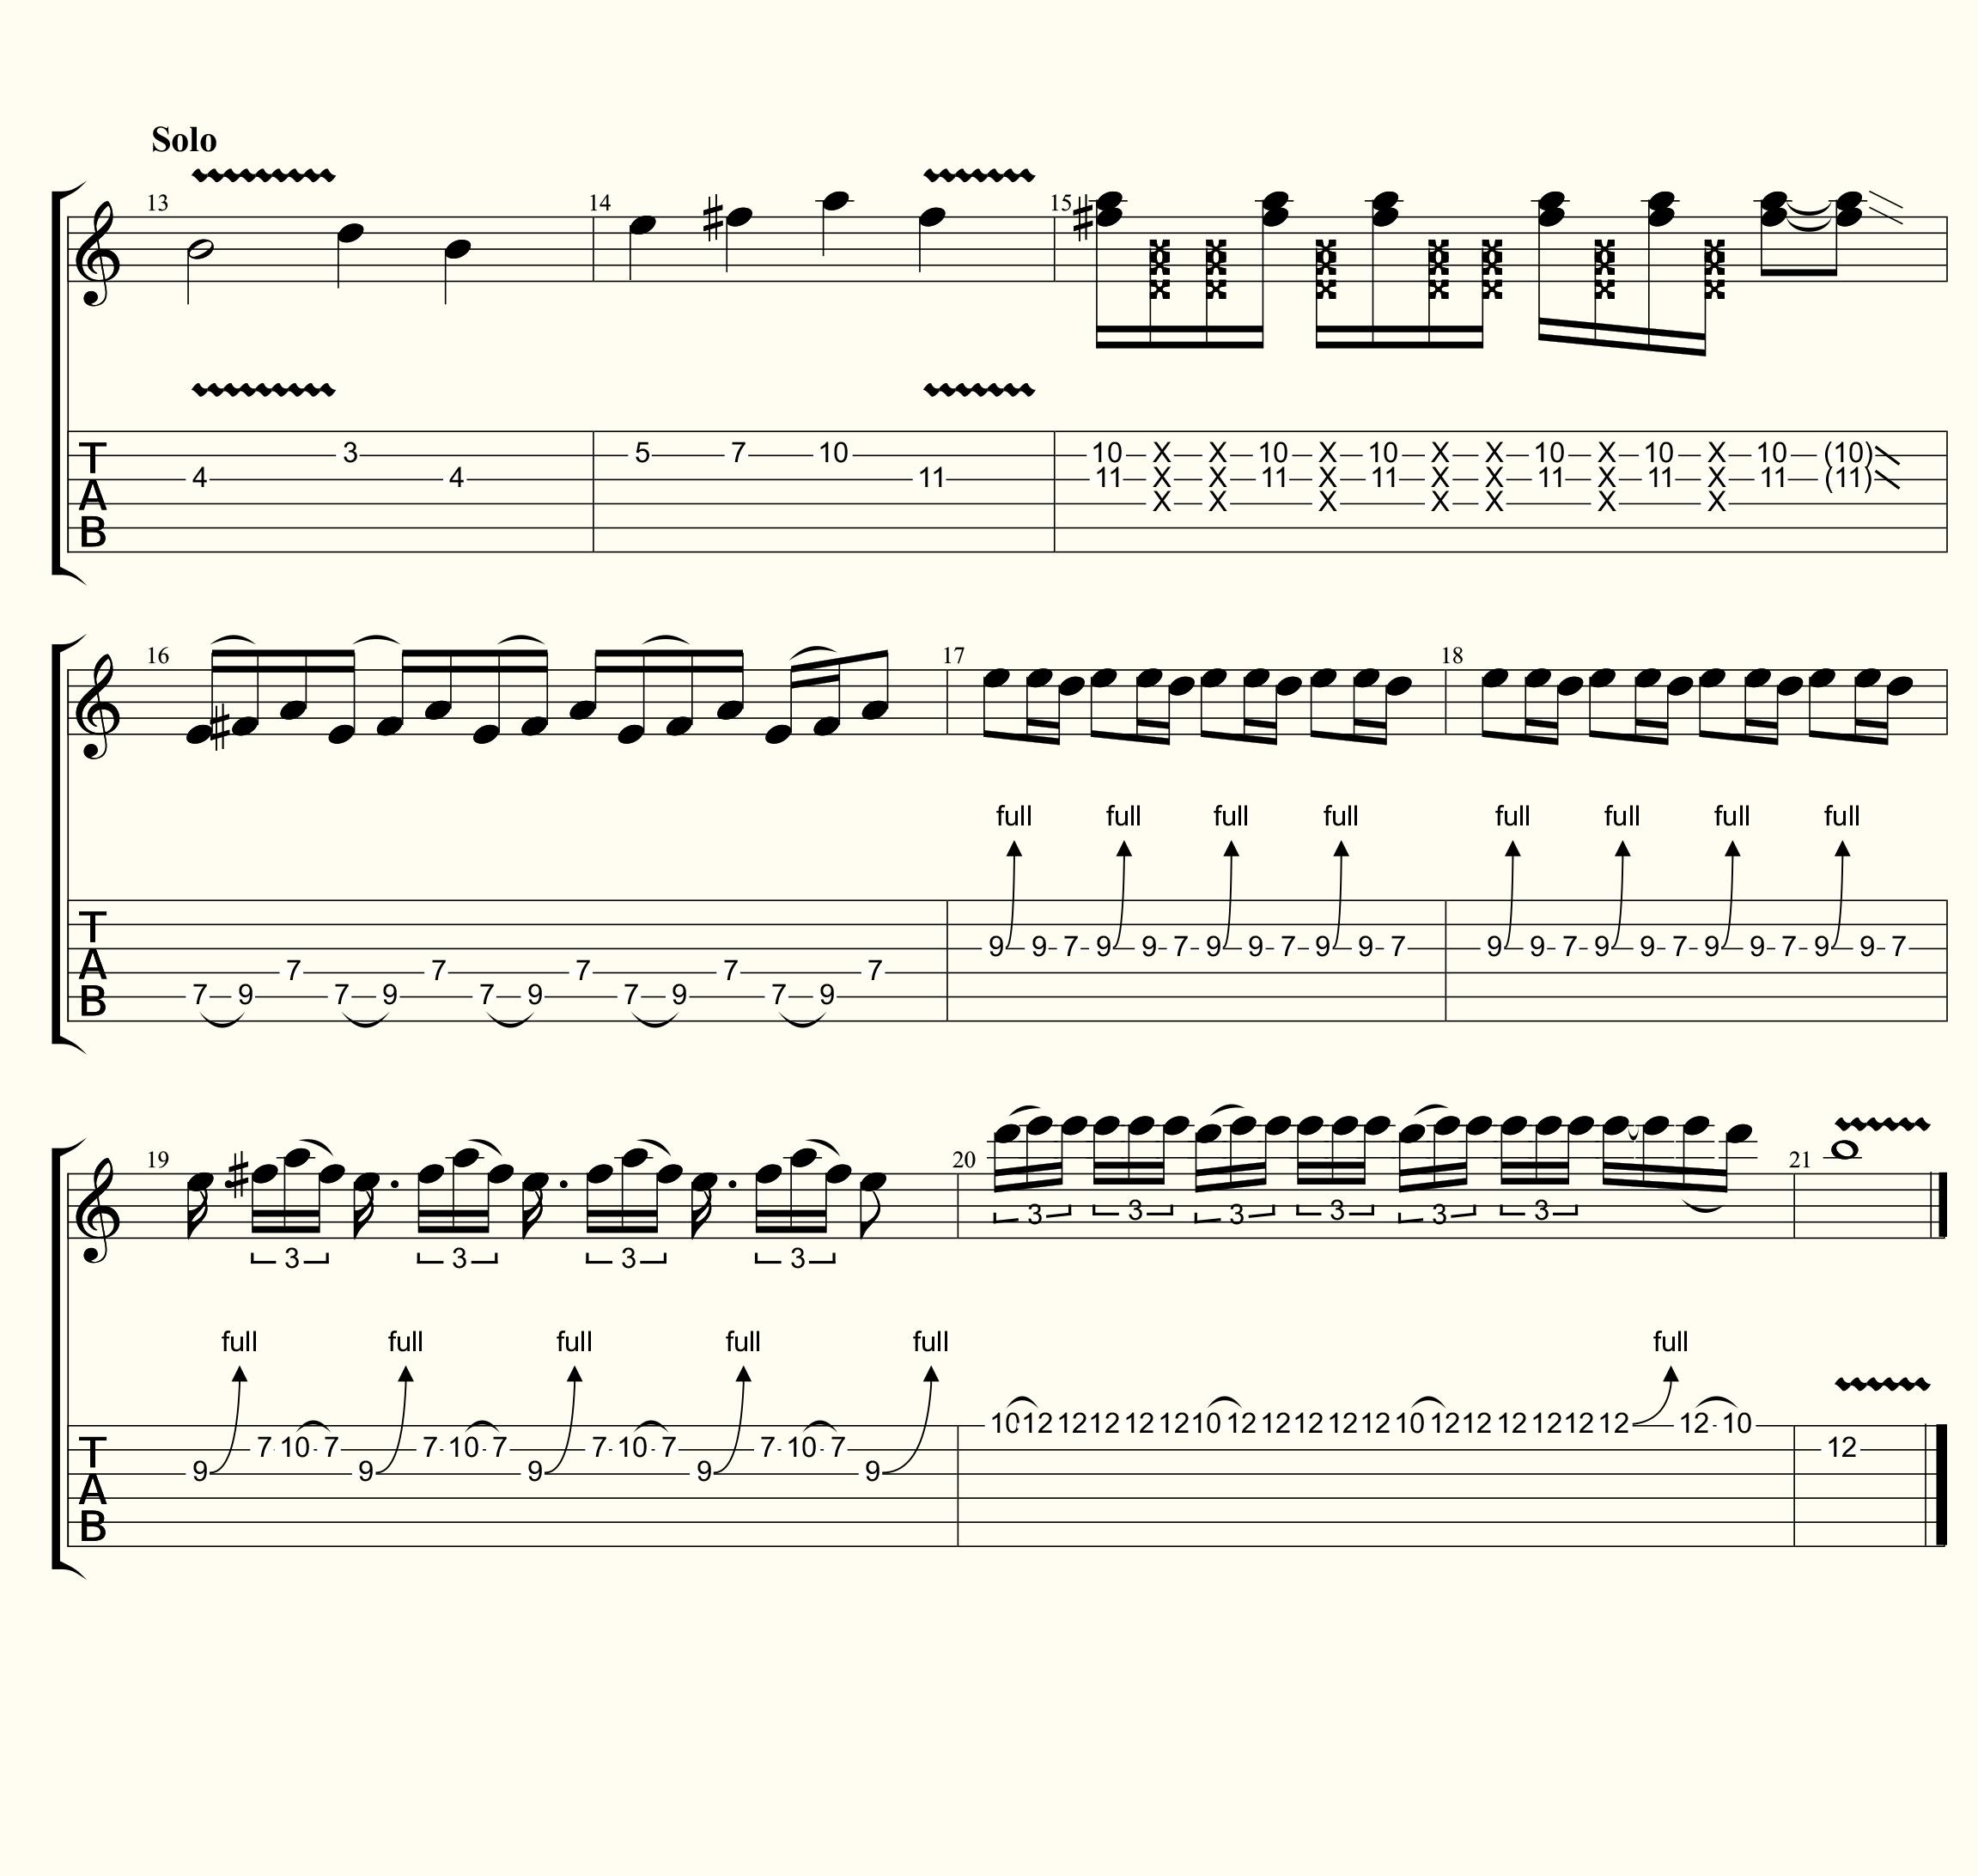 estilo-john-frusciante-2